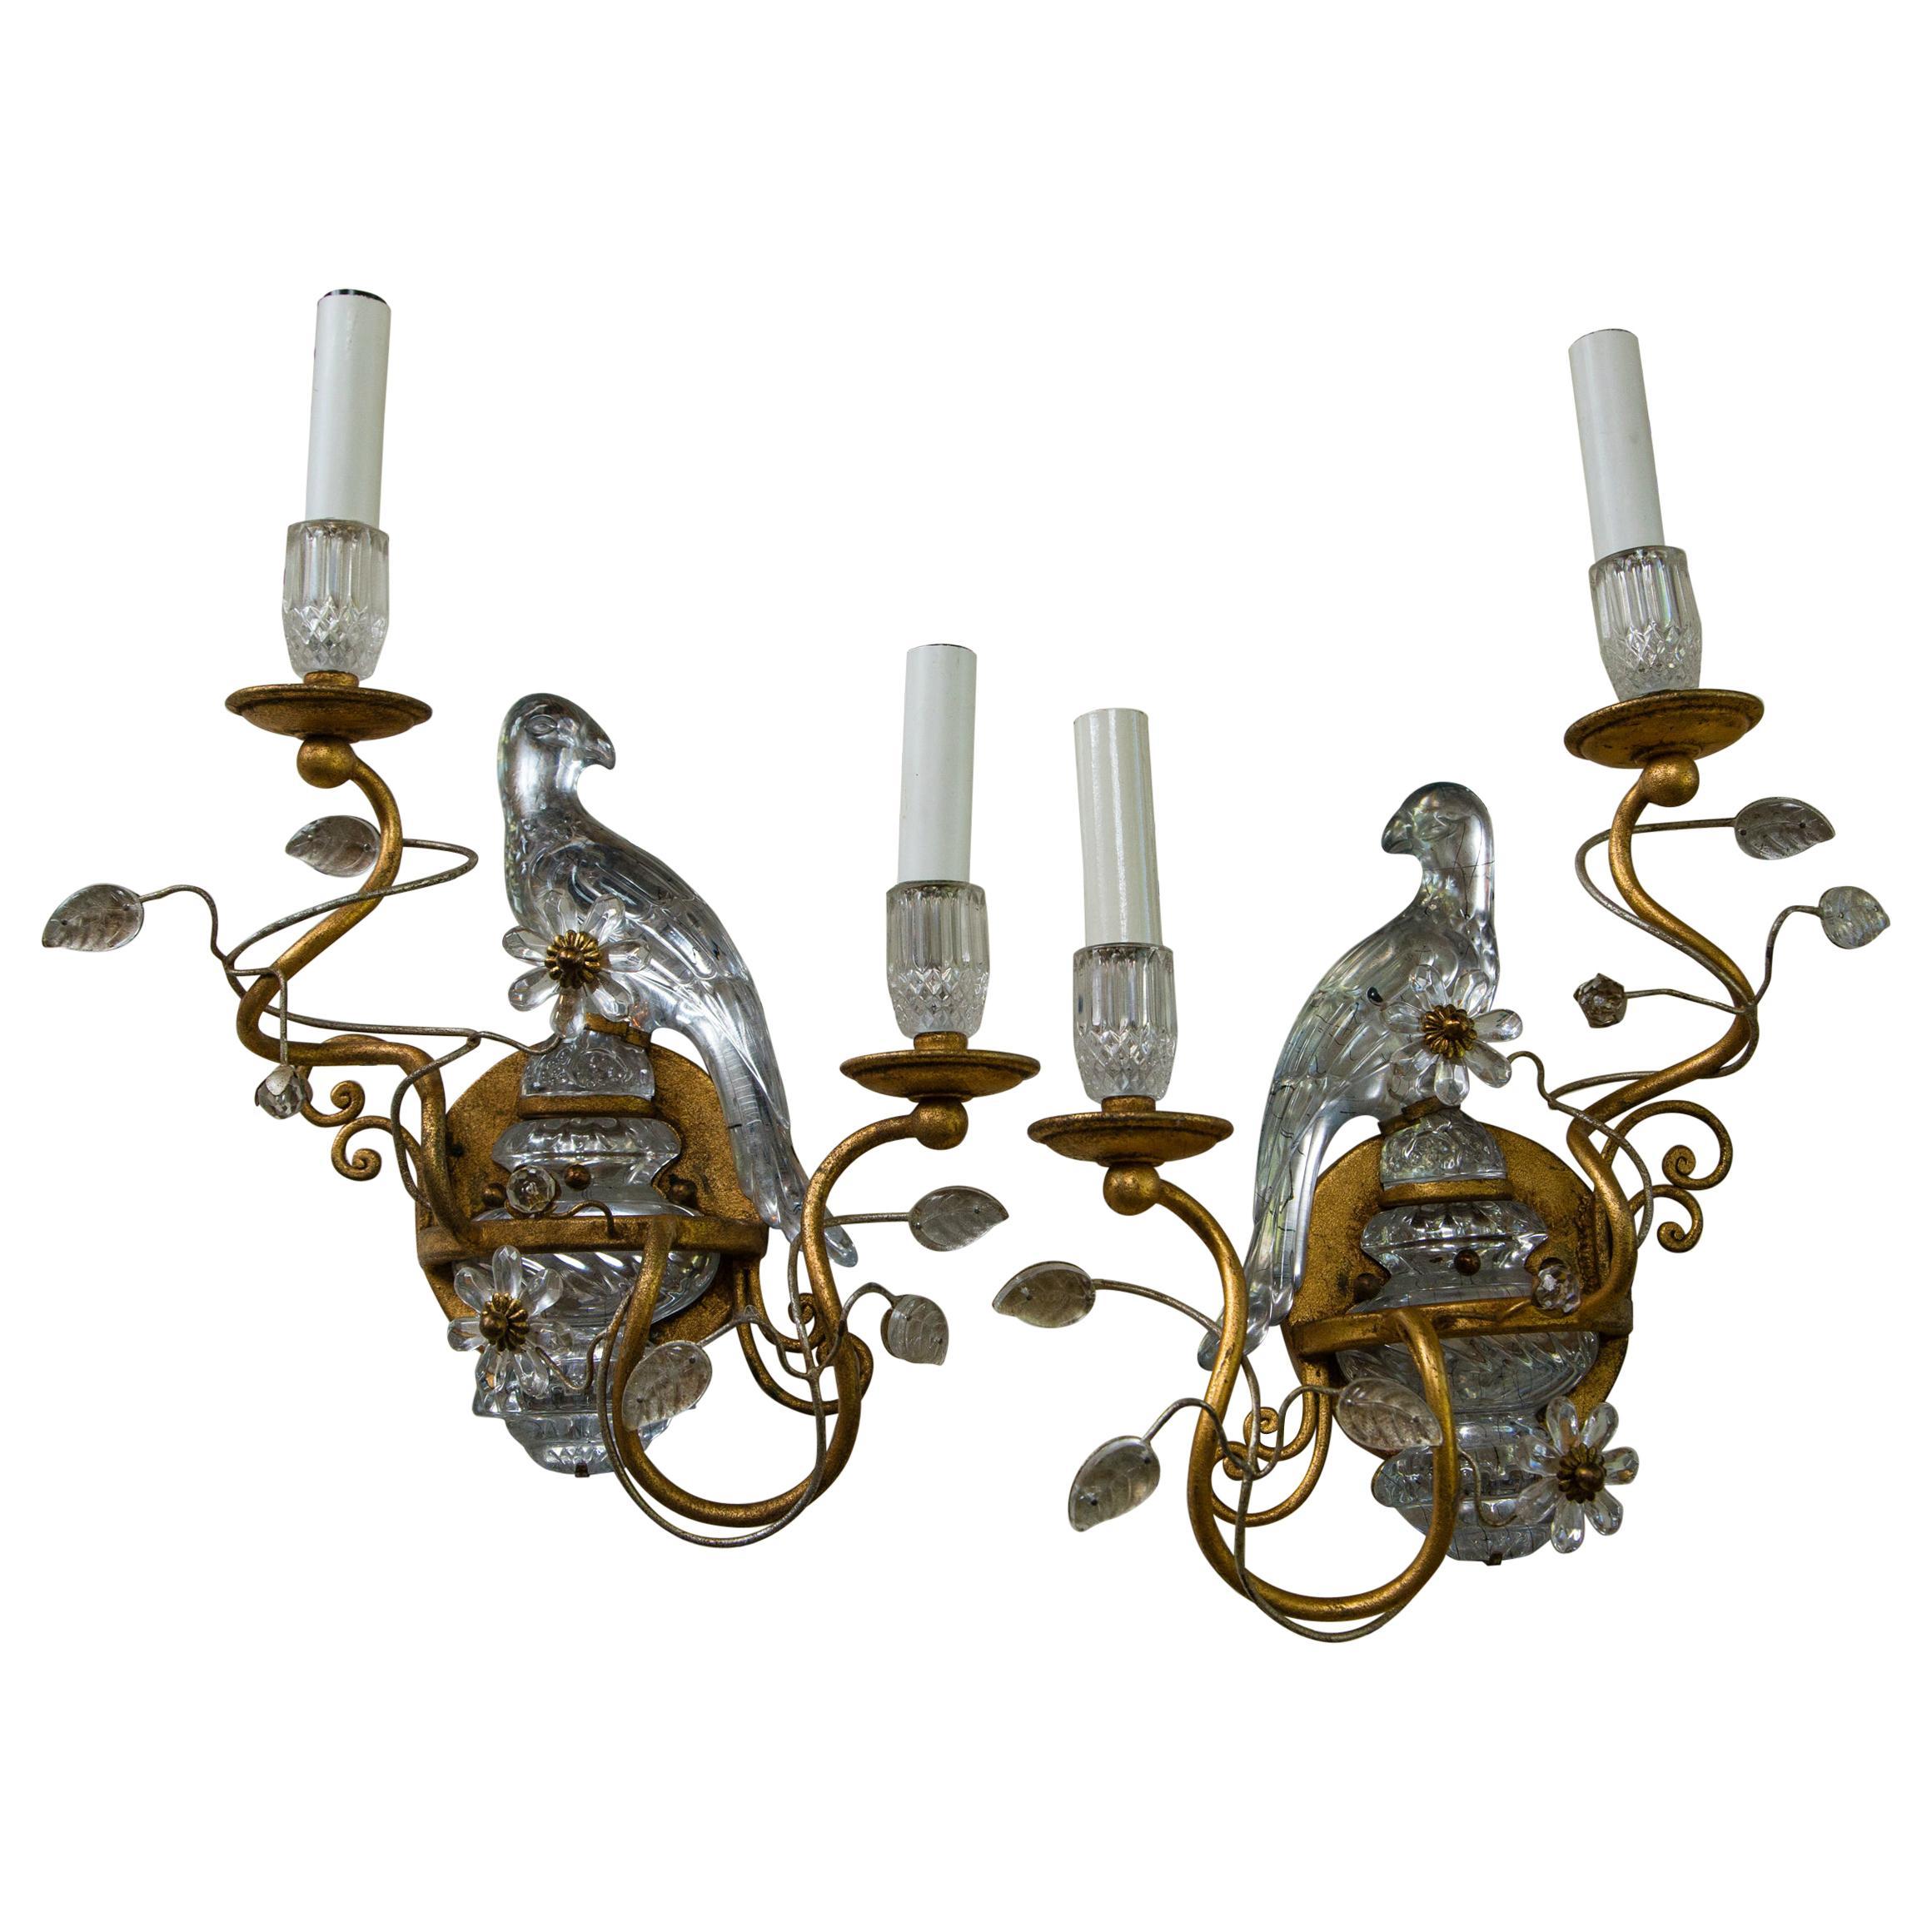 Pair of Bagues Style Parrot 2-Light Sconces